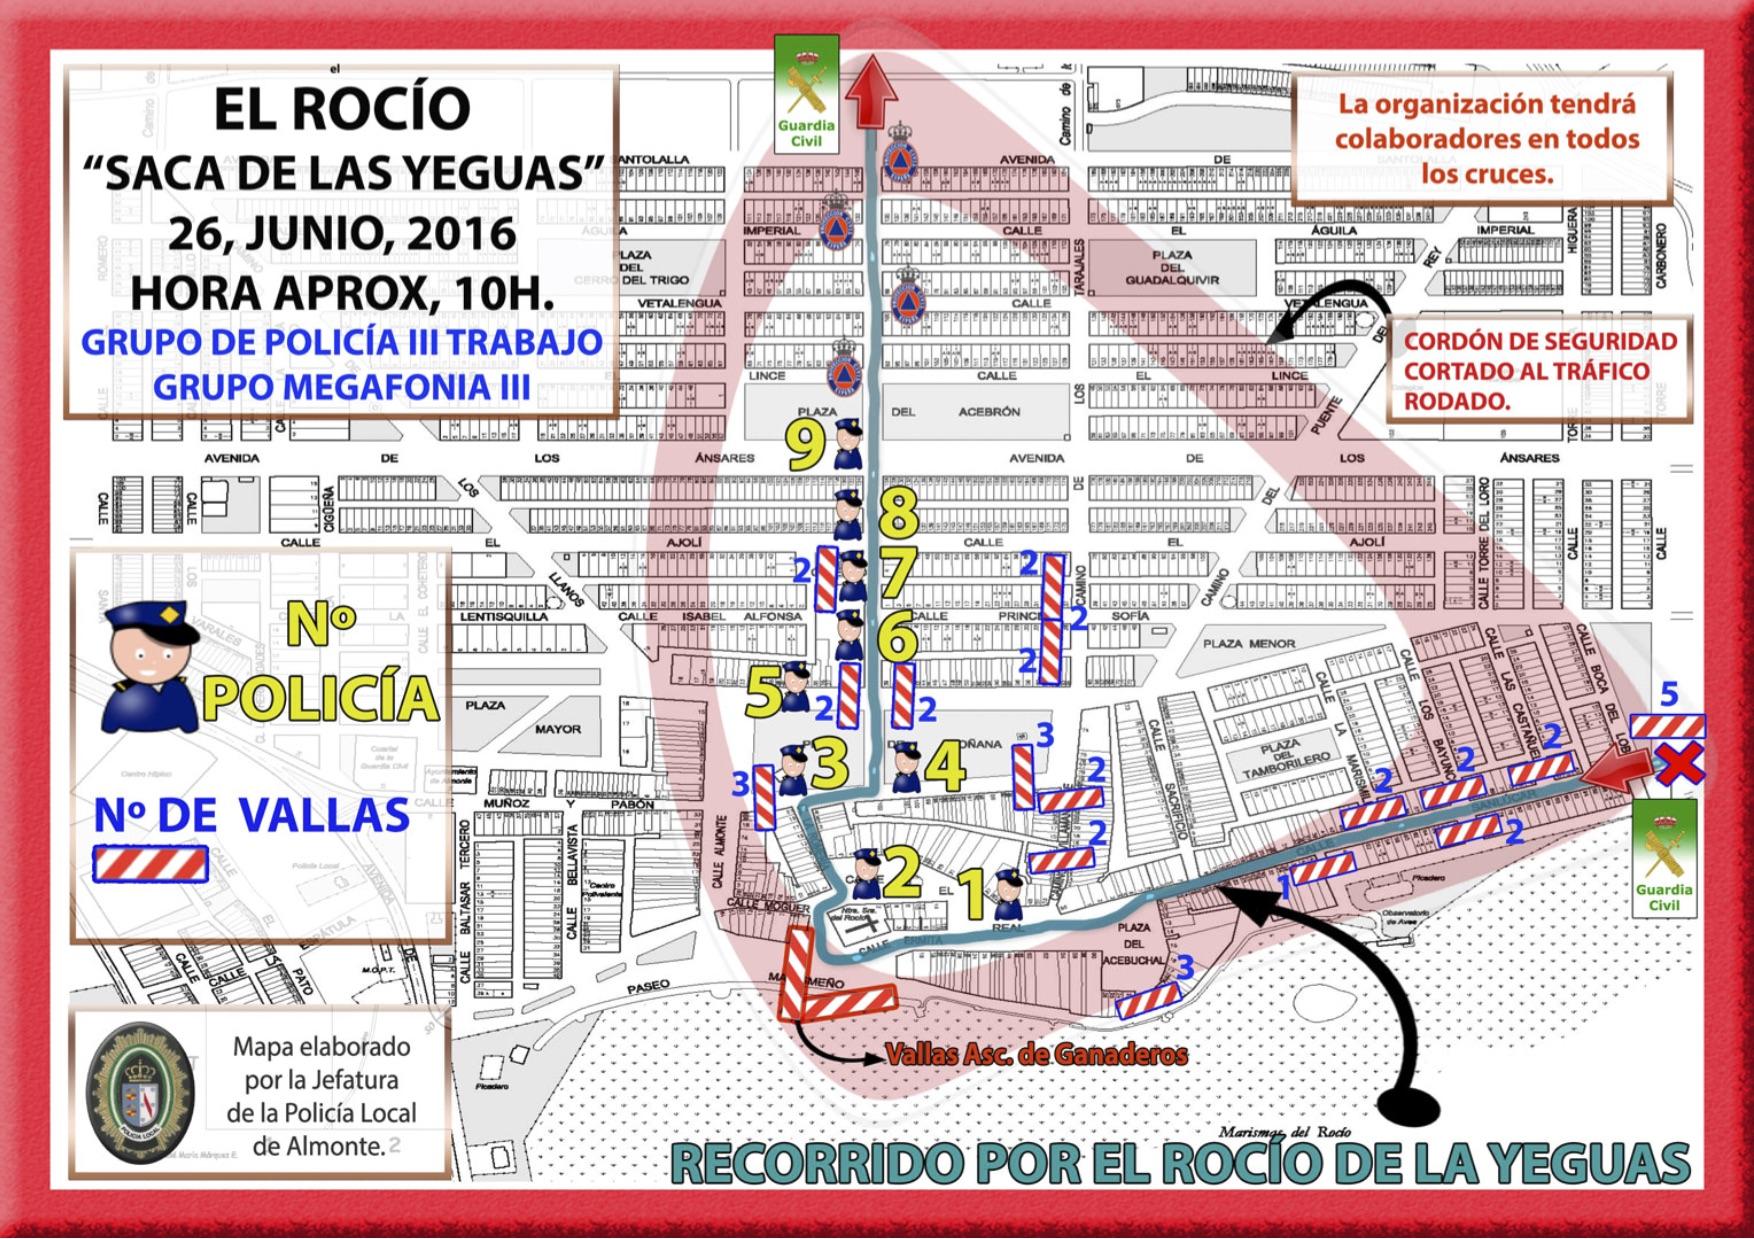 RECORRIDO-SACA-YEGUAS-POR-EL-ROCIO-CORDON-SEGURIDAD